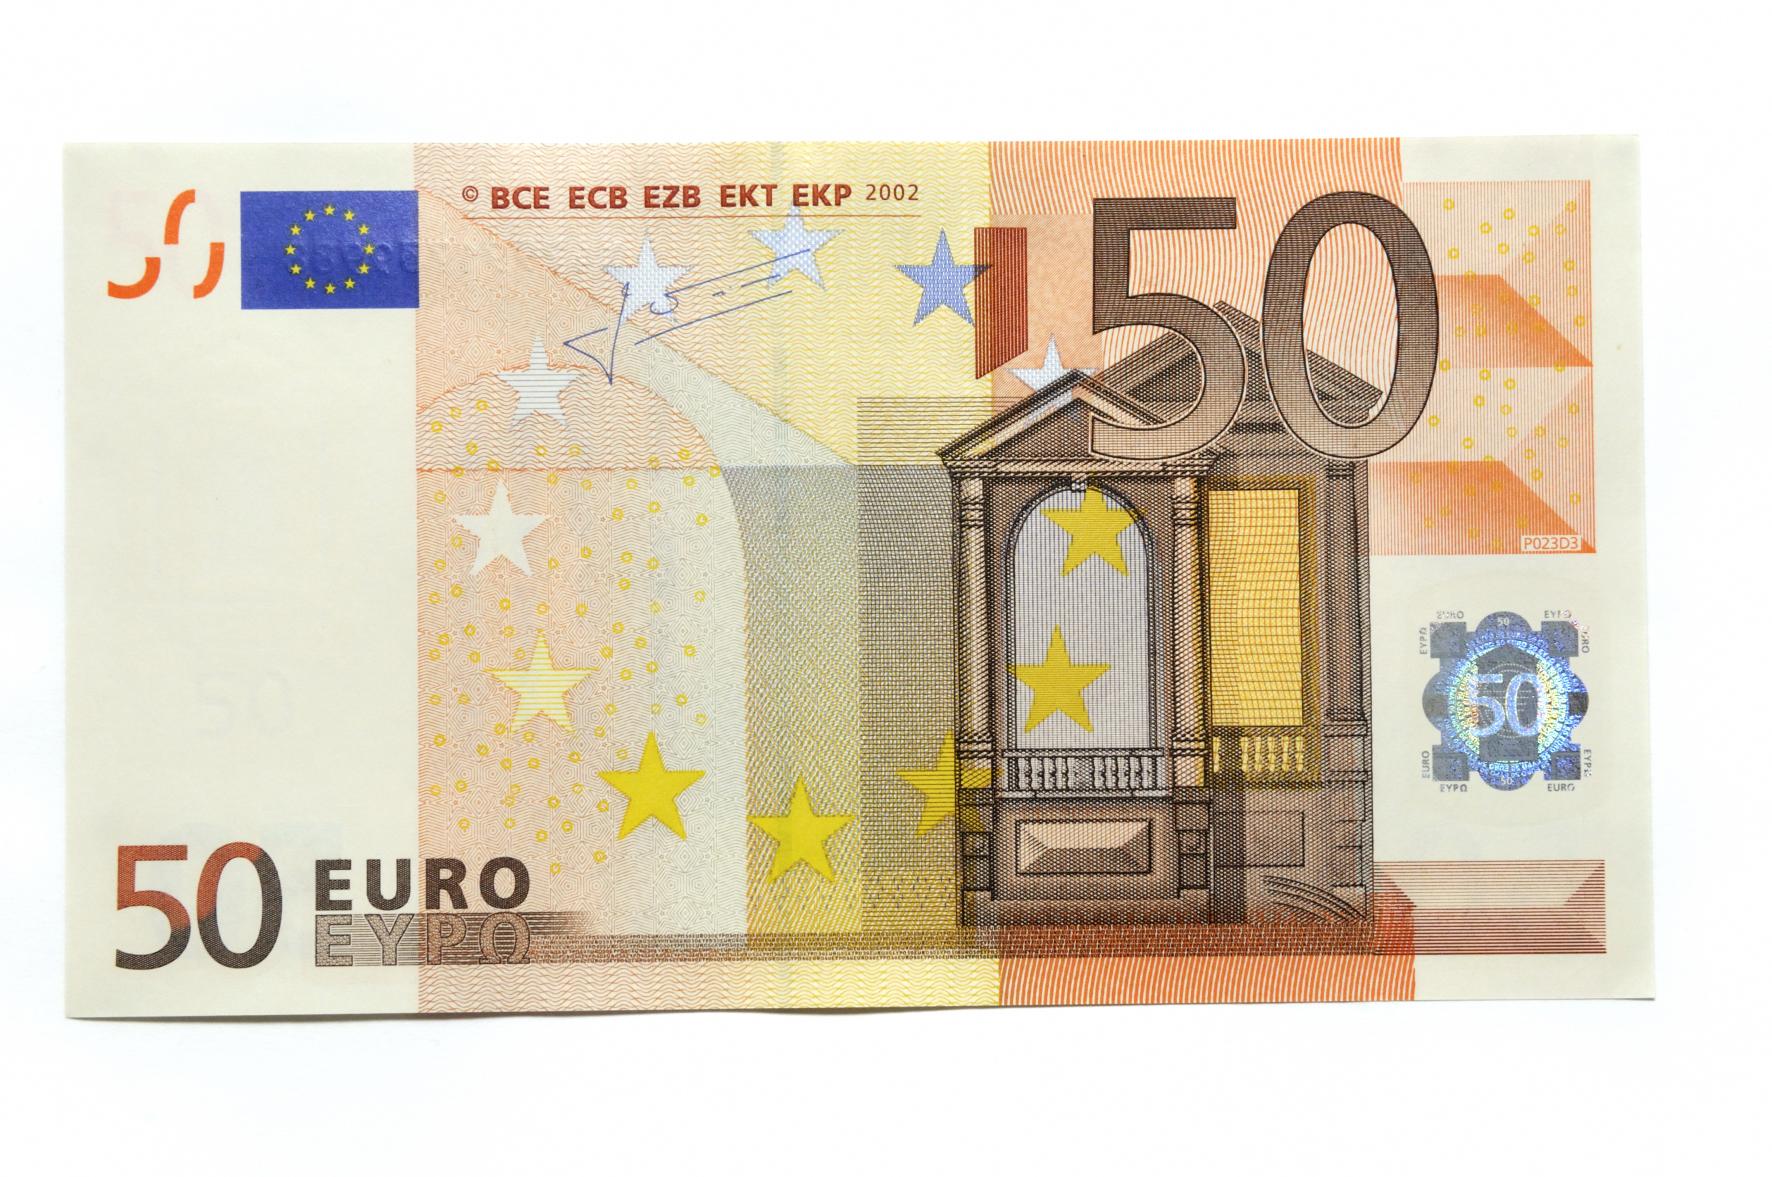 Forum trgovina 2 for Macchina da cucire 50 euro